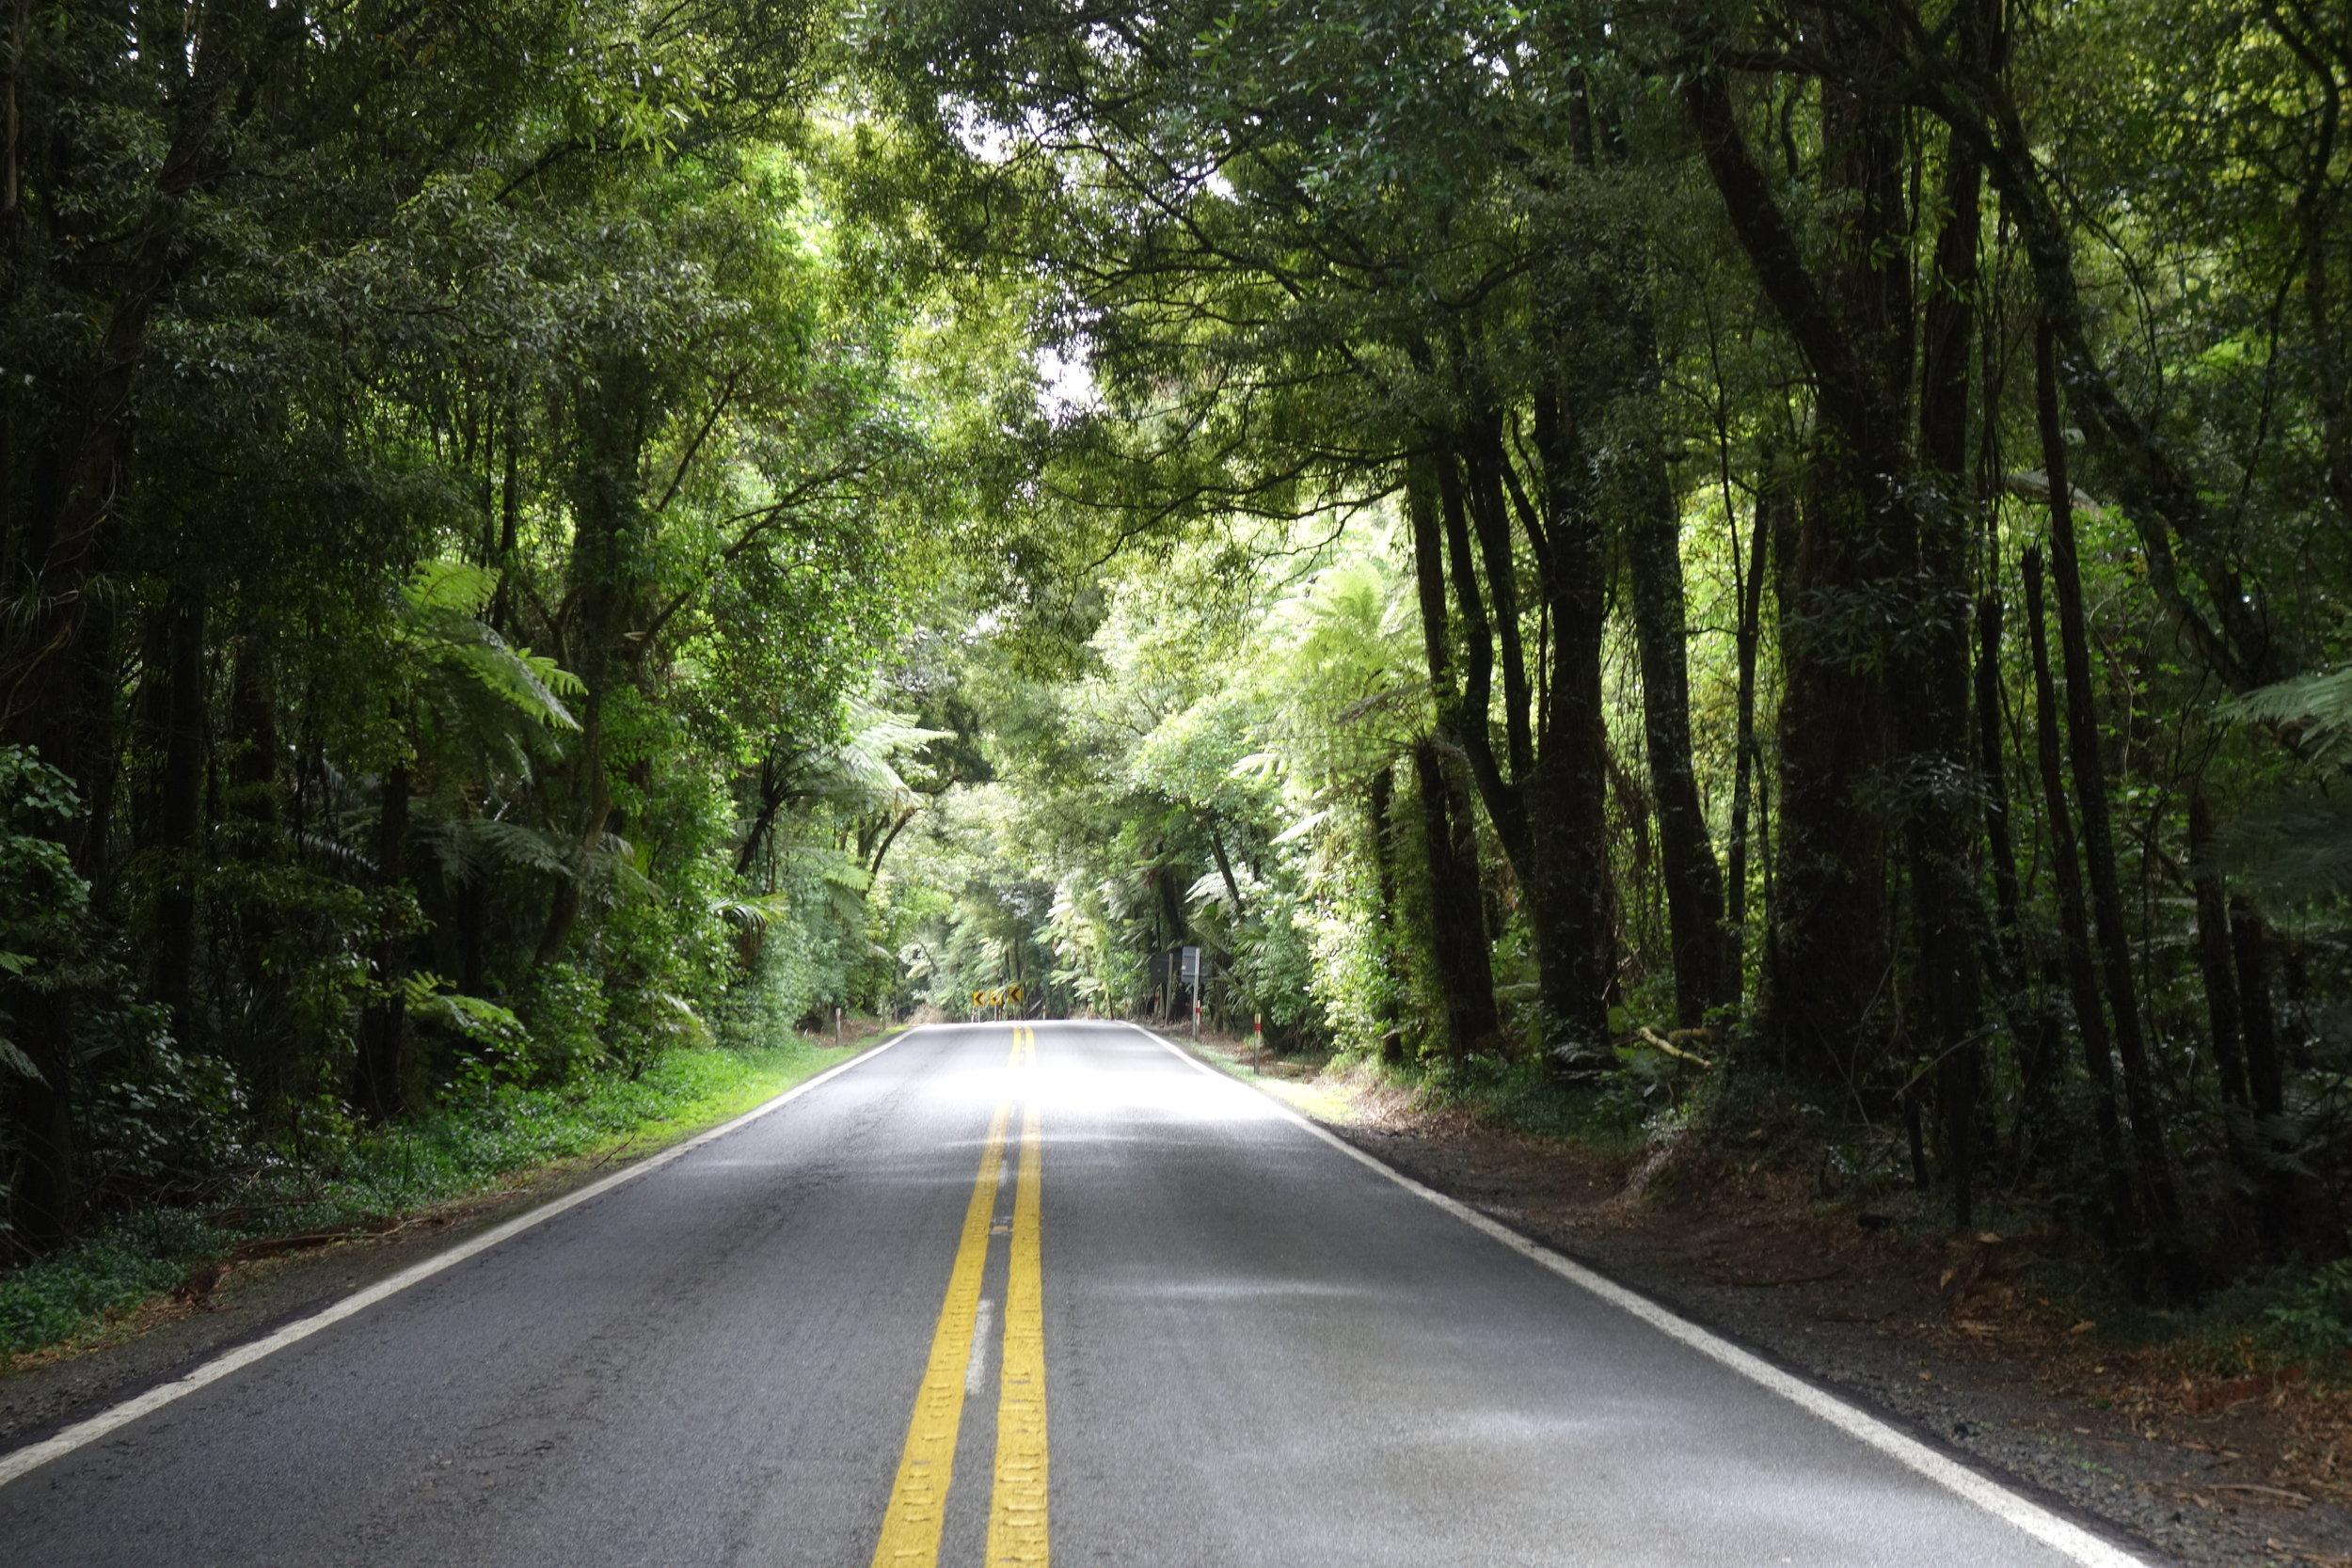 On the road to Rotorua.